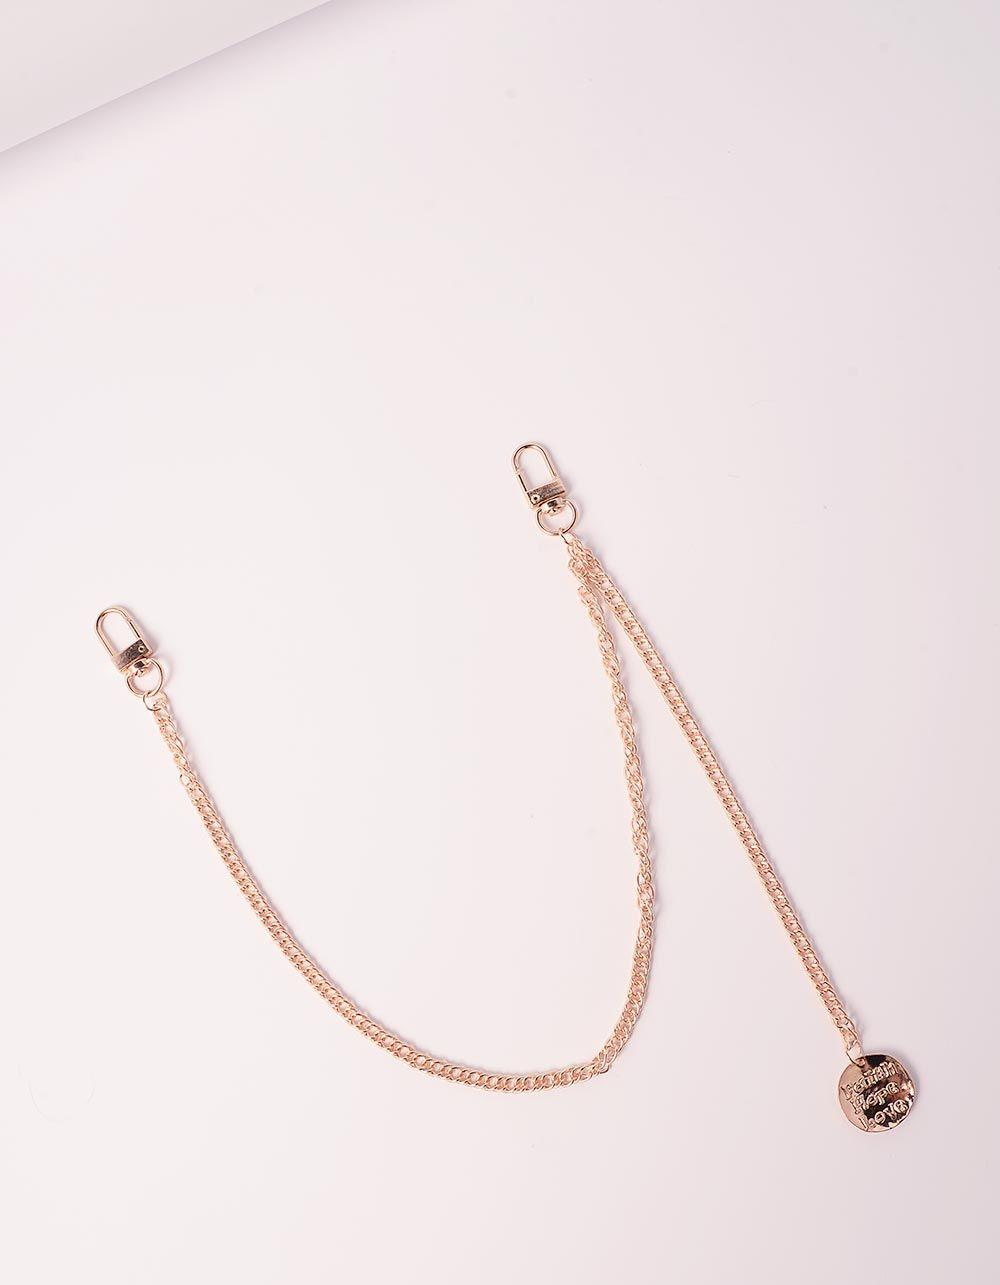 Ланцюжок для одягу з медальоном | 239434-04-XX